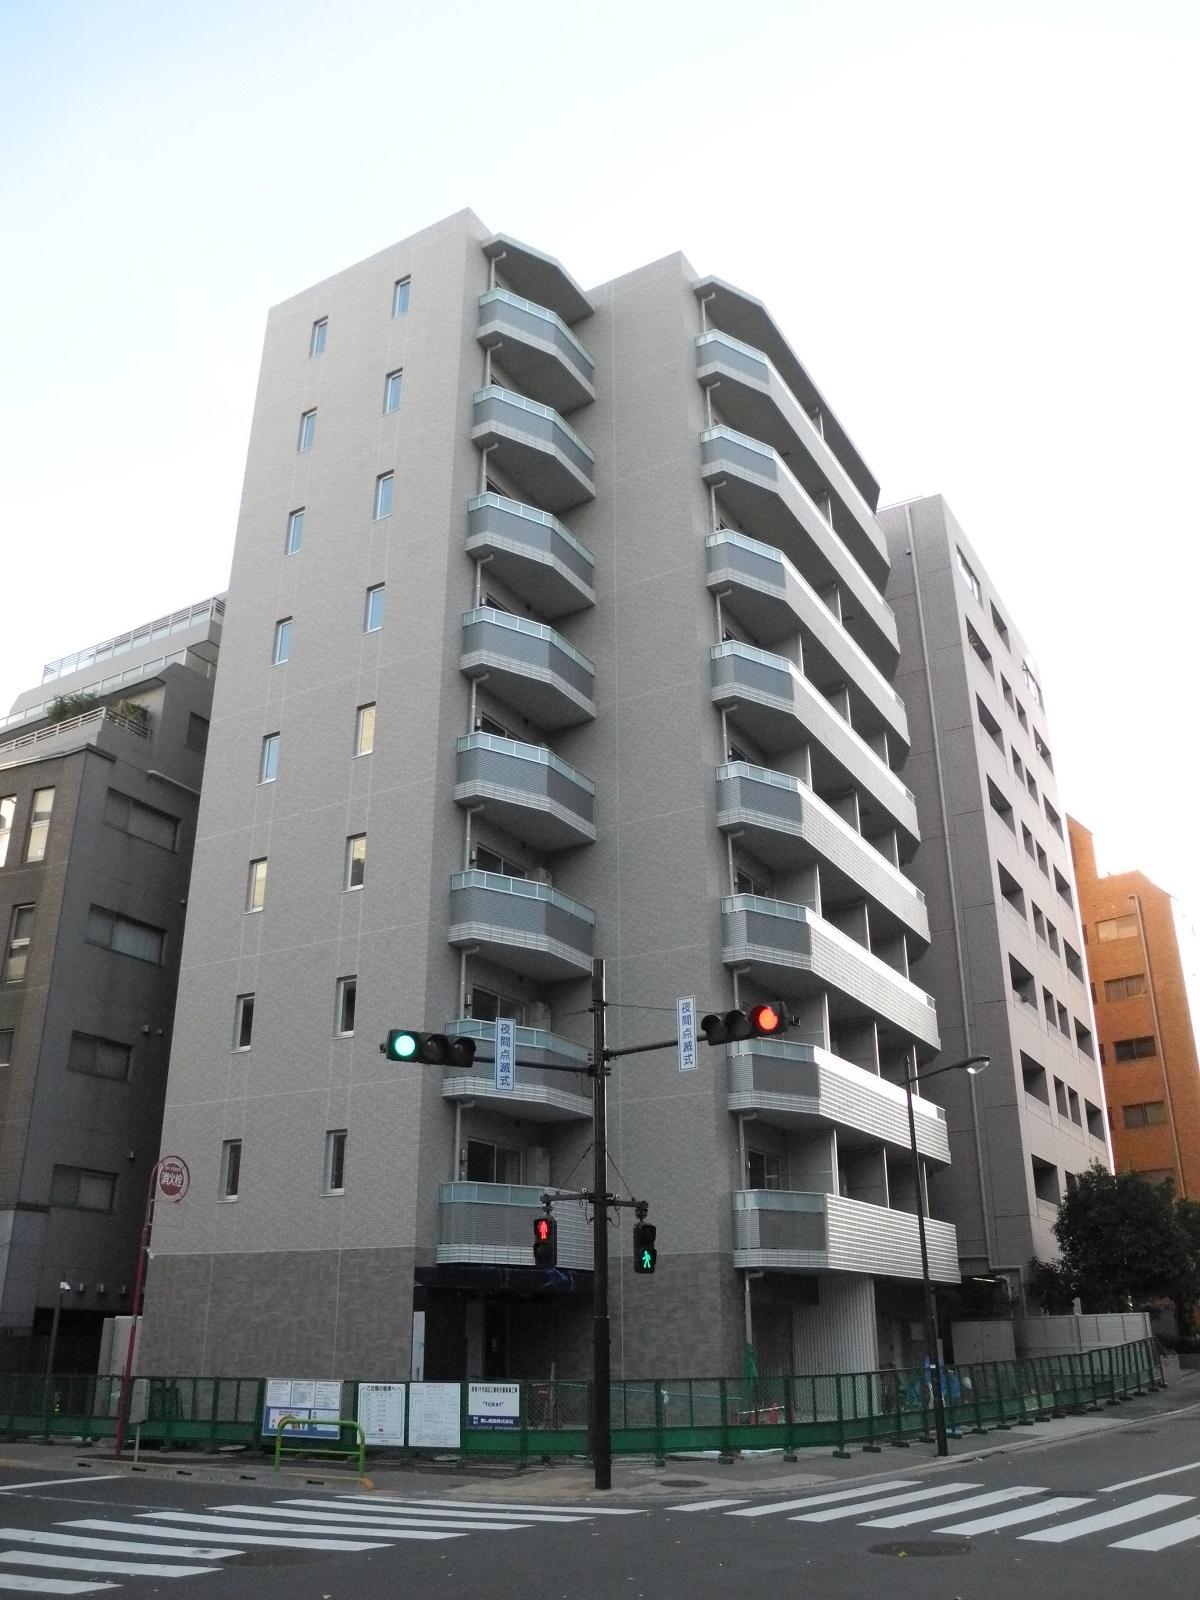 (写真2)旧麹町三番町コンドの跡地に建設中の賃貸マンション。建築主は敷地売却事業の買受人である三井不動産レジデンシャルで2021年2月完成を目指す(写真:茂木俊輔)